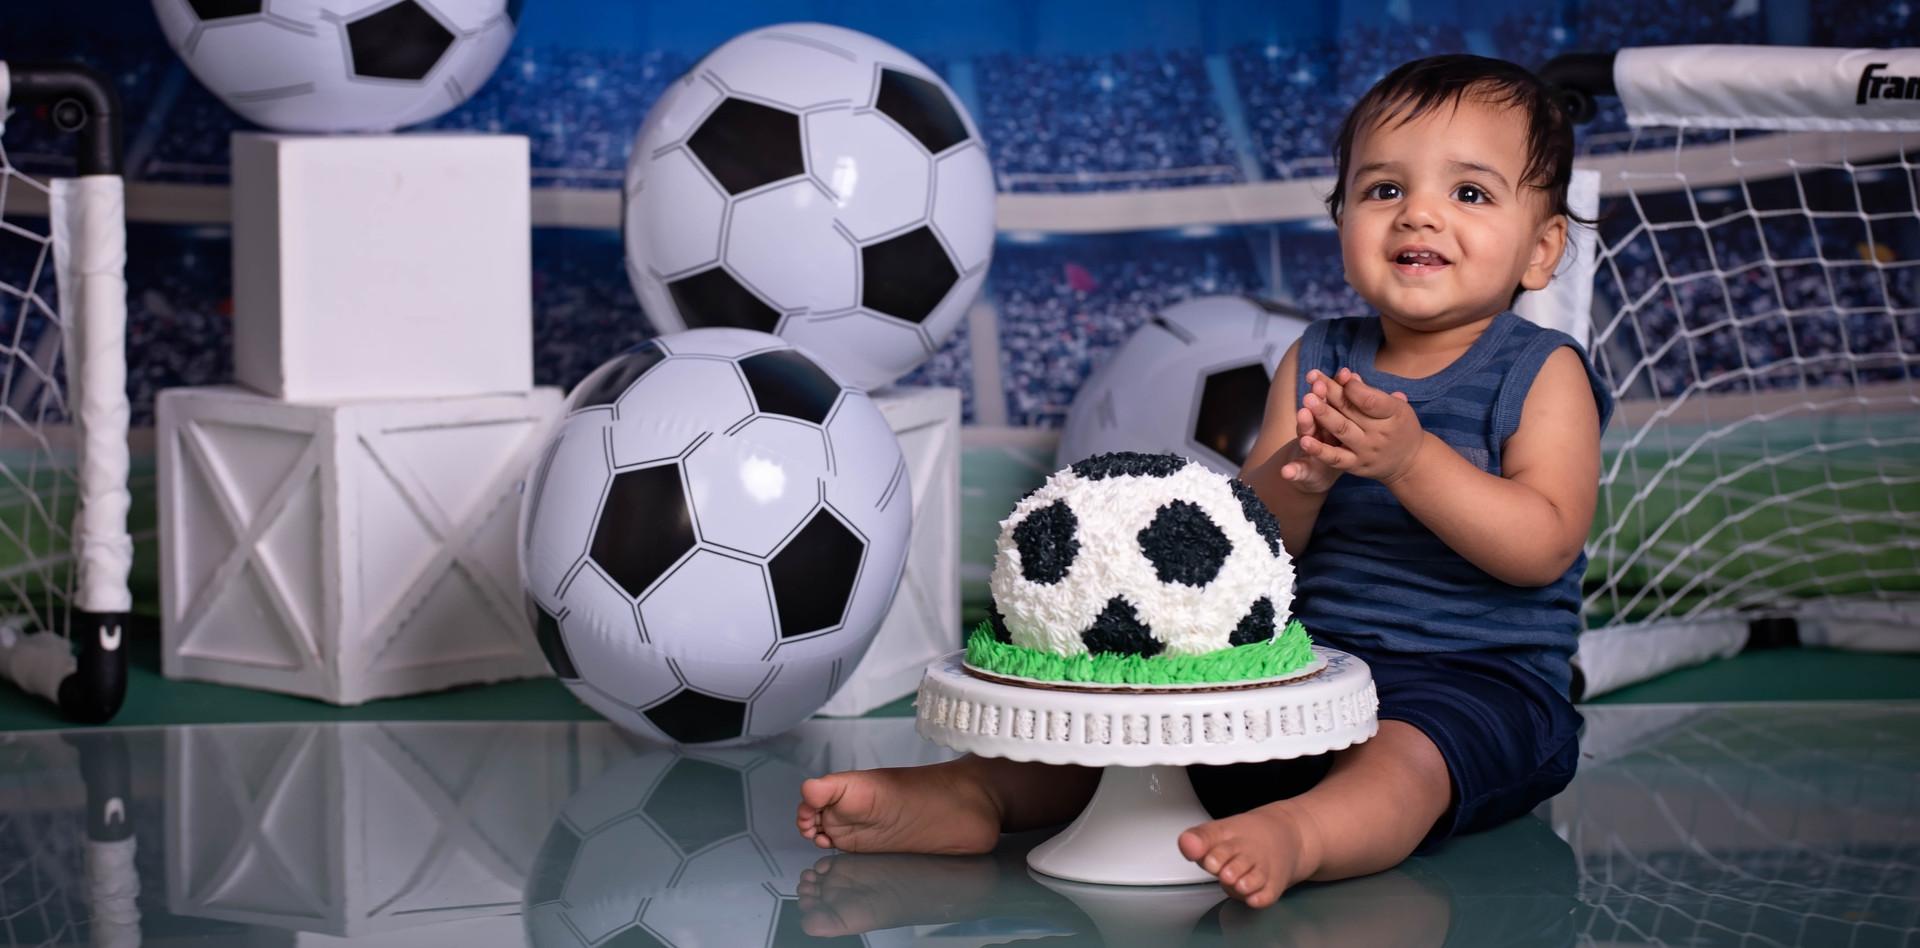 Soccer Themed Cake Smash